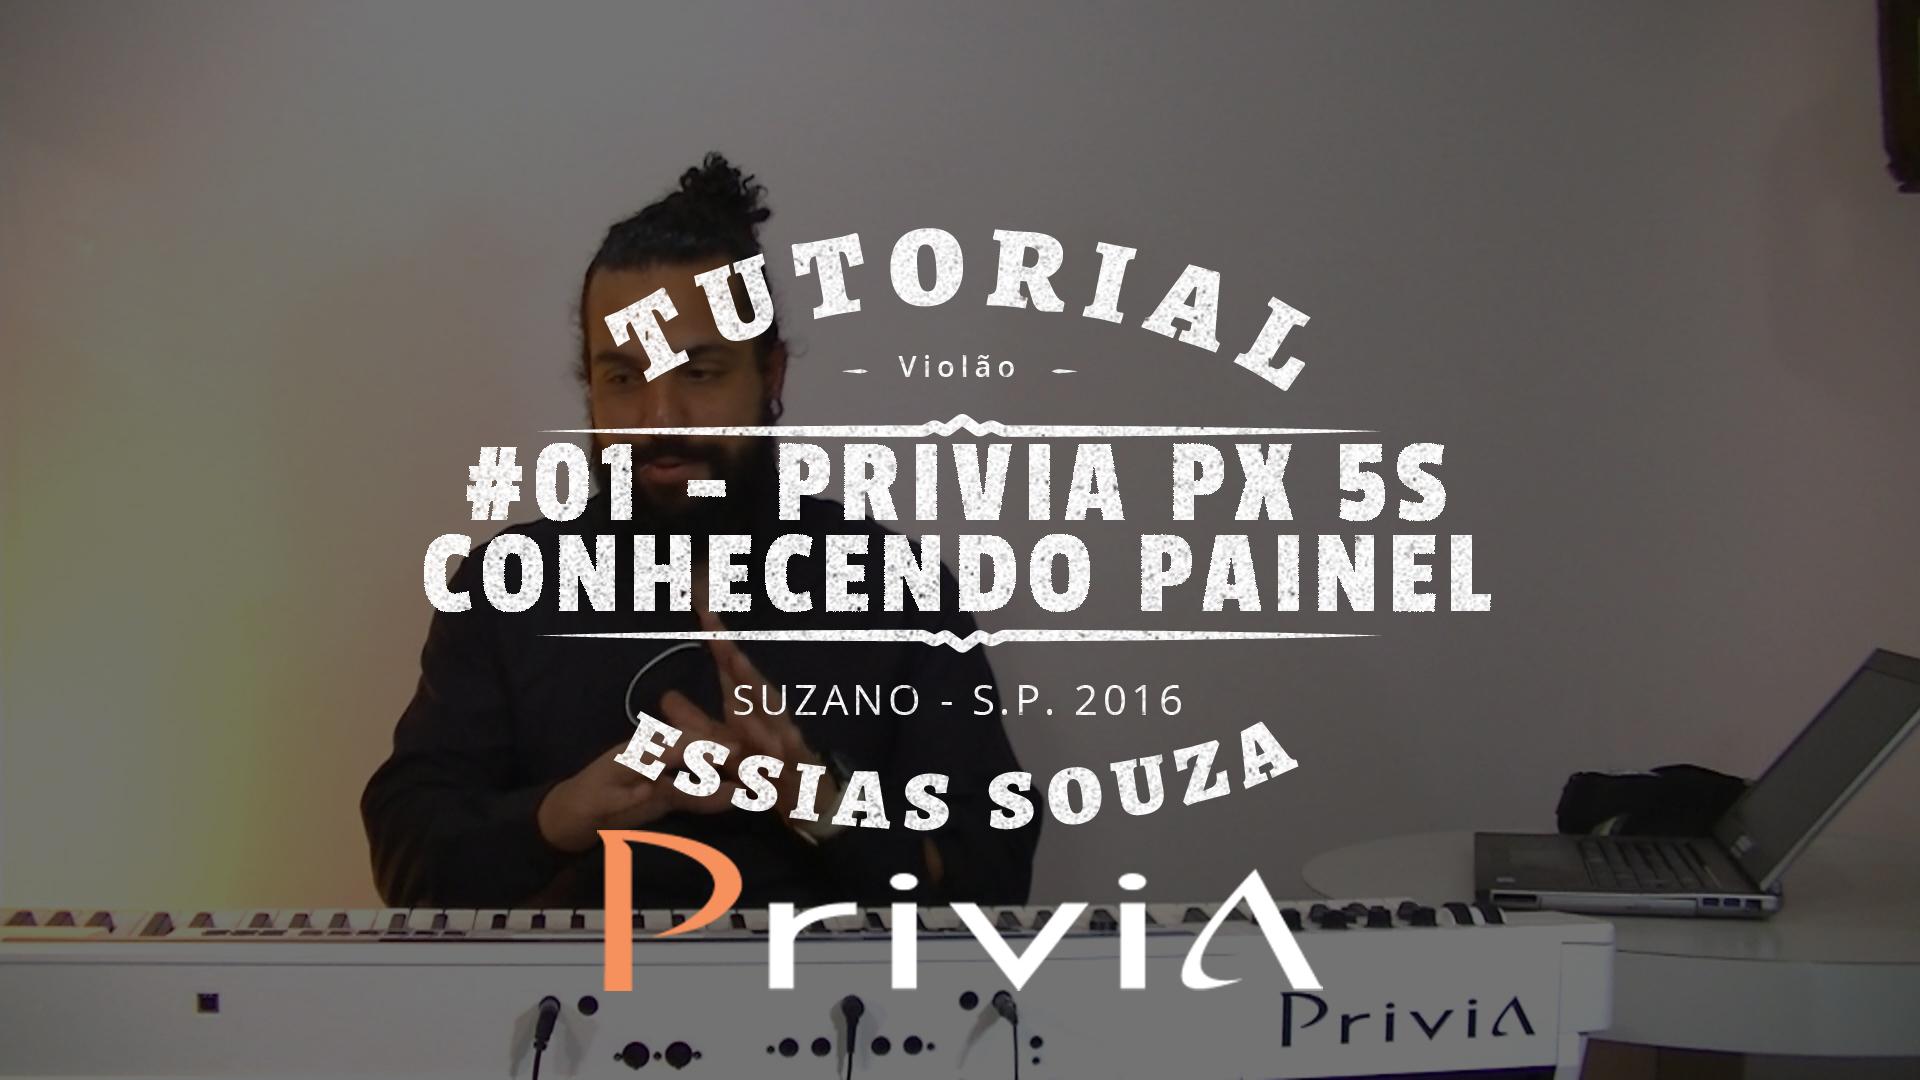 Tutorial Casio Privia PX 5S #001 – Conhecendo o Instrumento